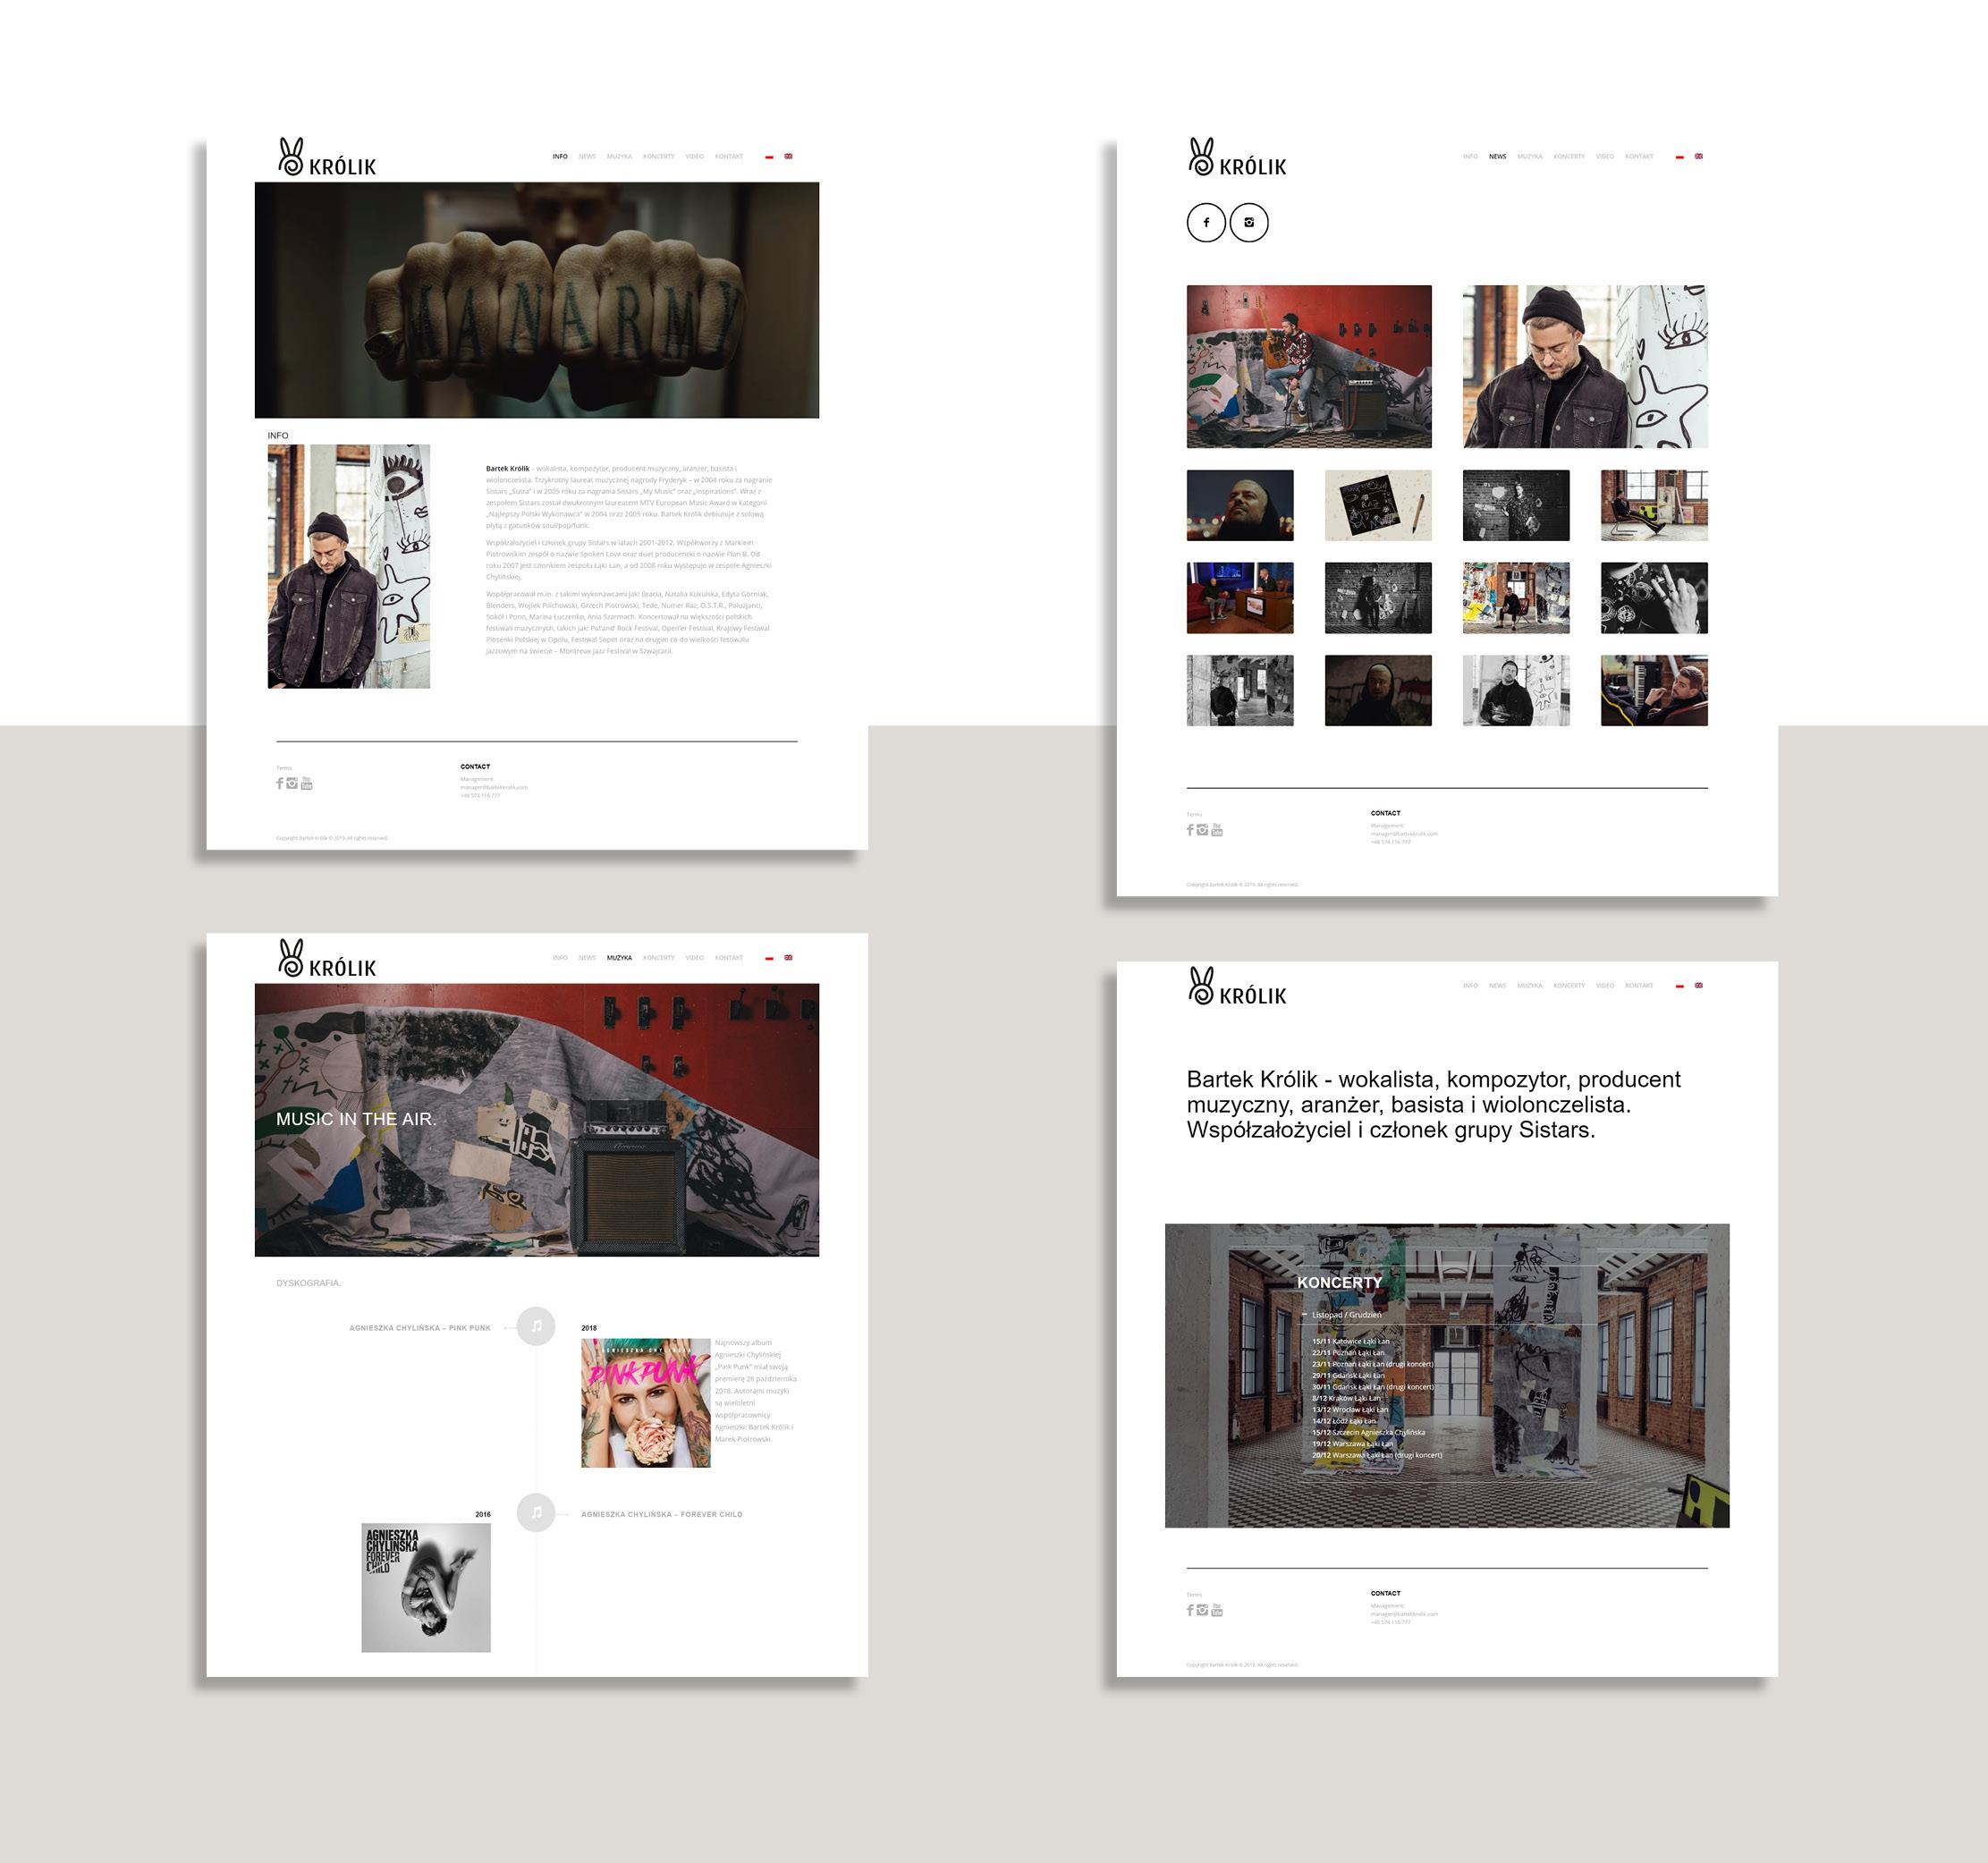 Bartek Królik - strona, wizualizacja